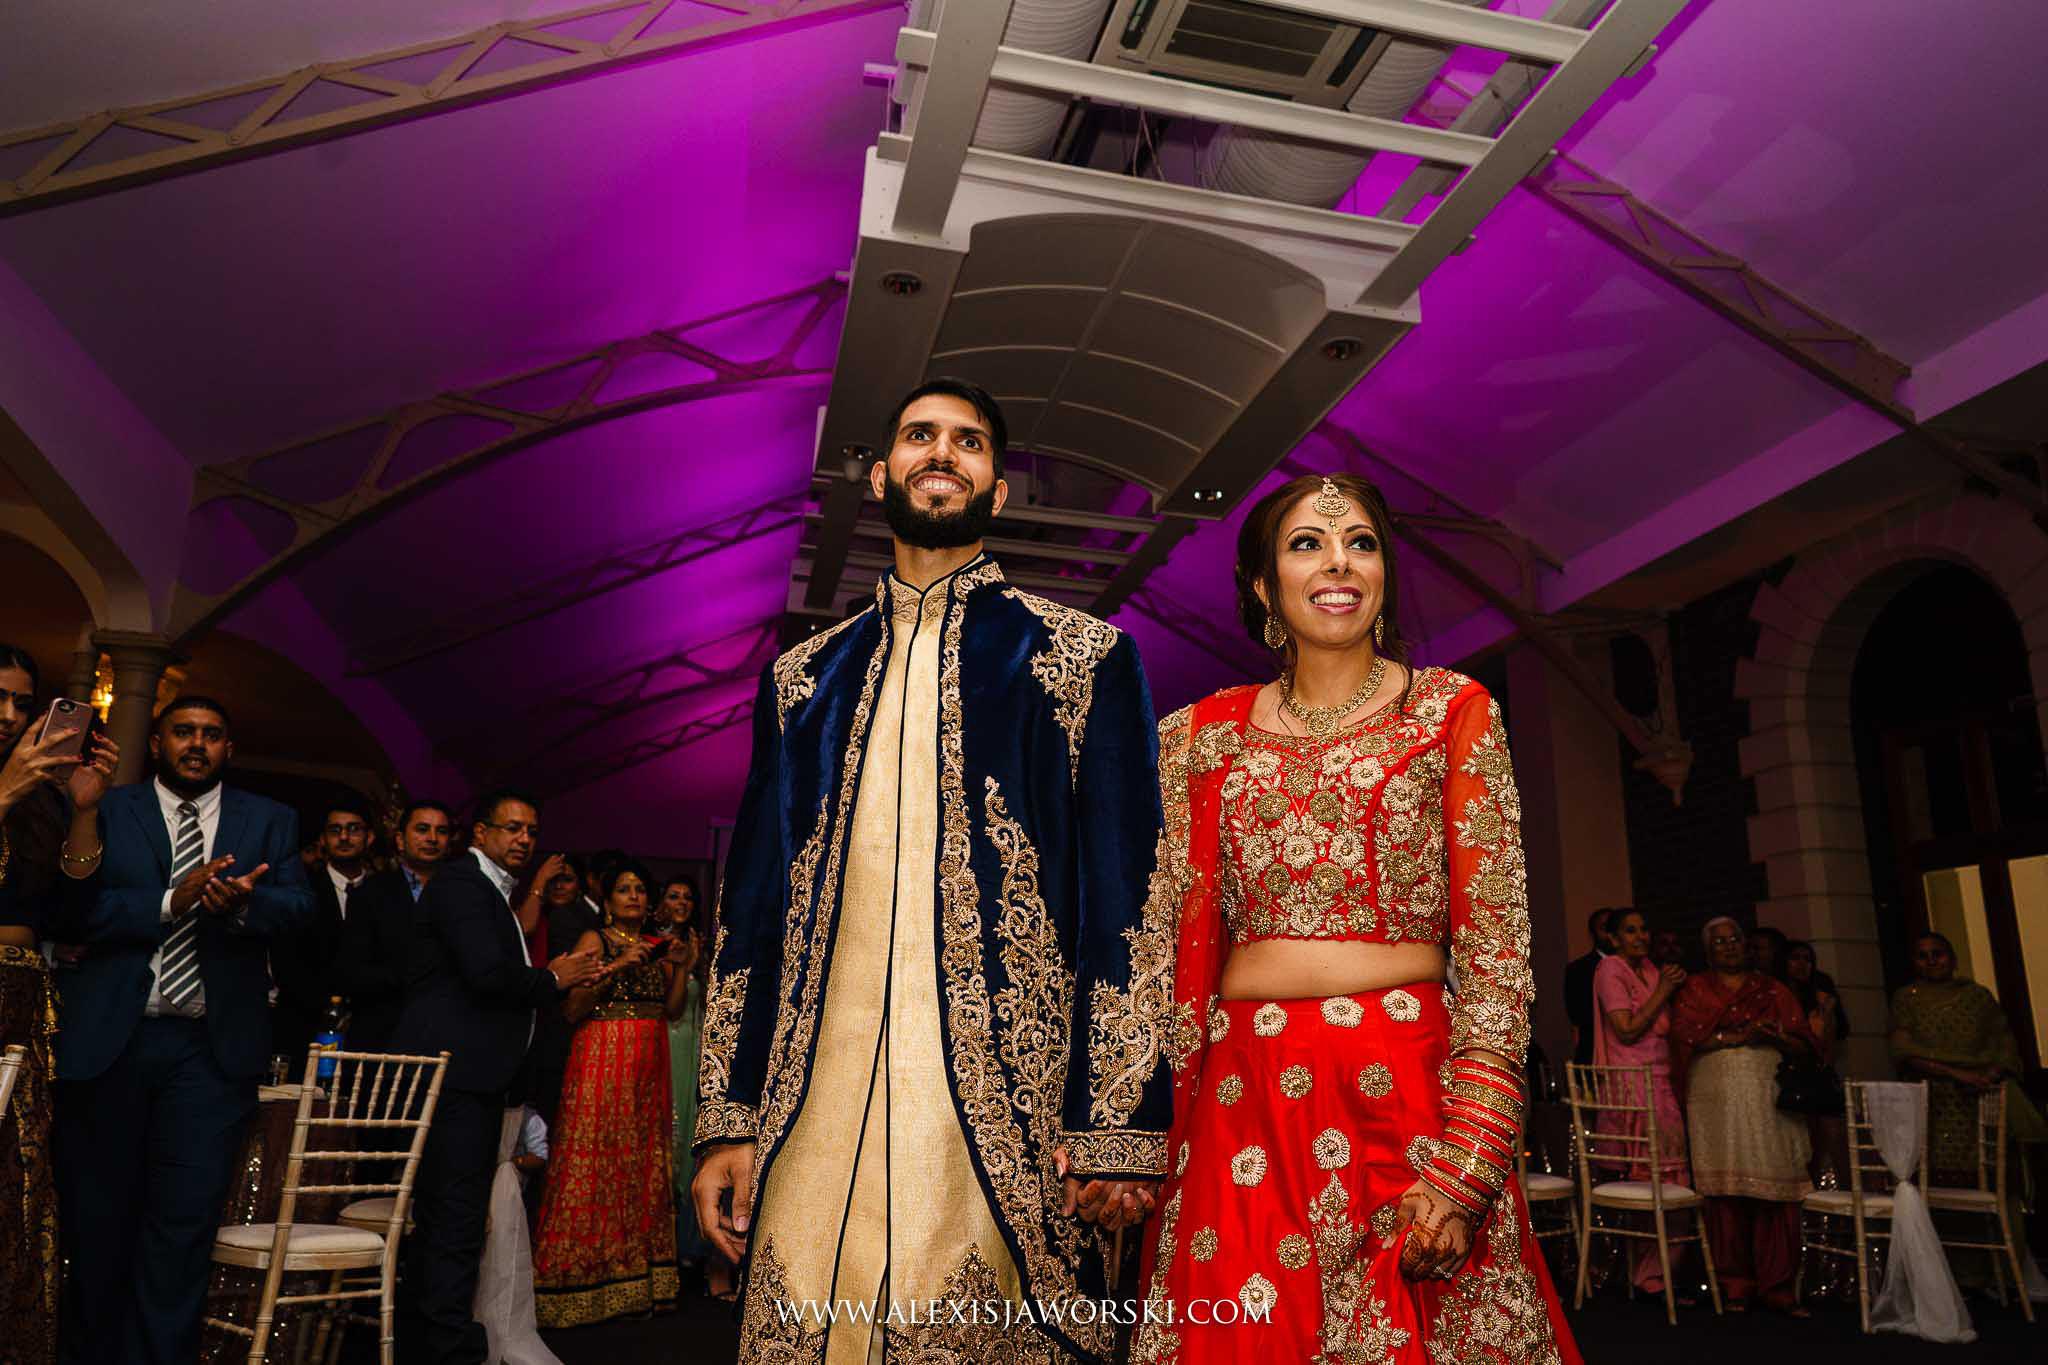 bride and groom entering the venue